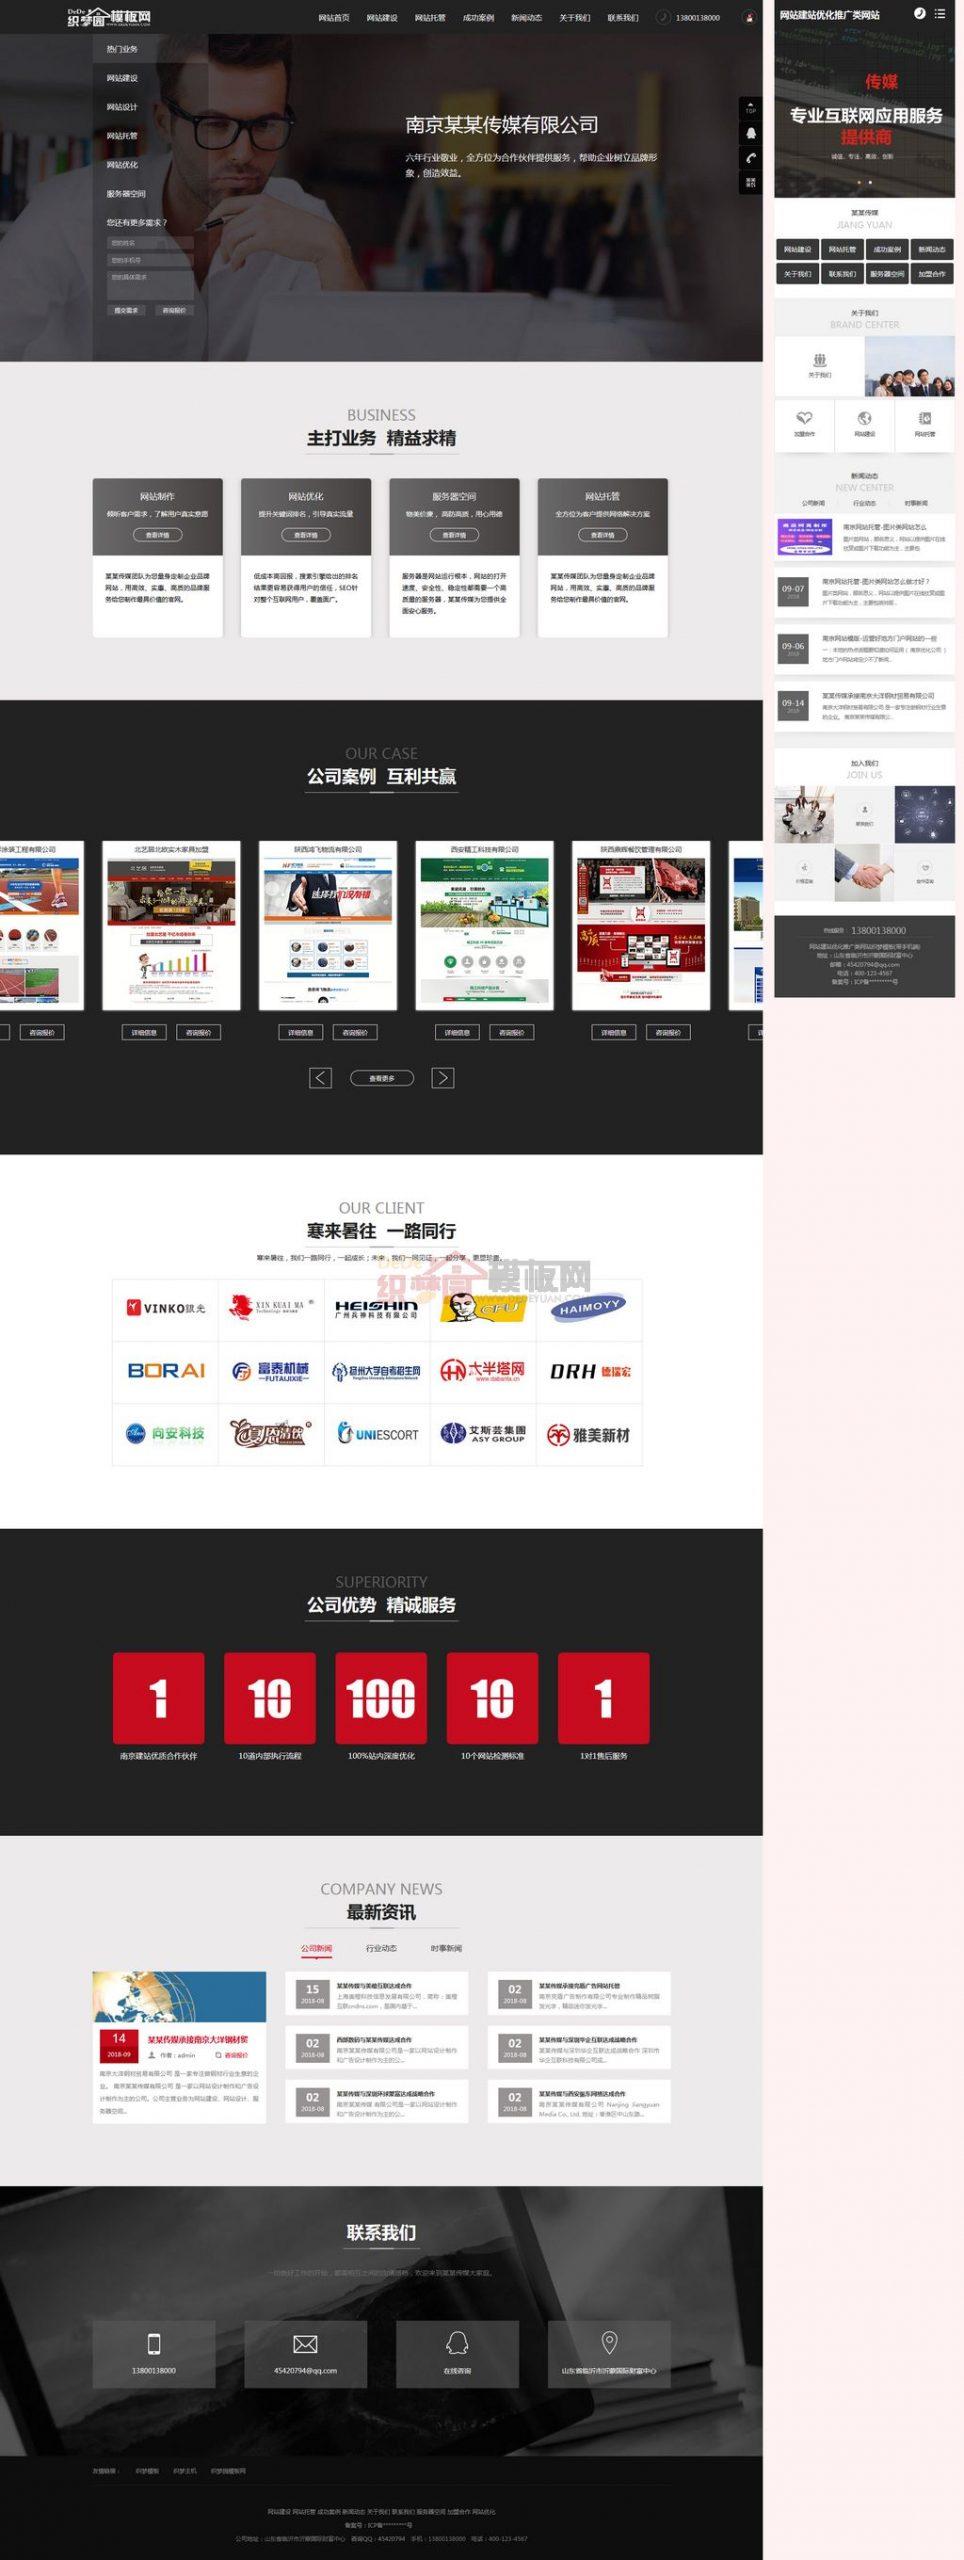 免费丨织梦dedecms模板网站建站优化SEO推广类公司企业网站织梦mip模板免费下载